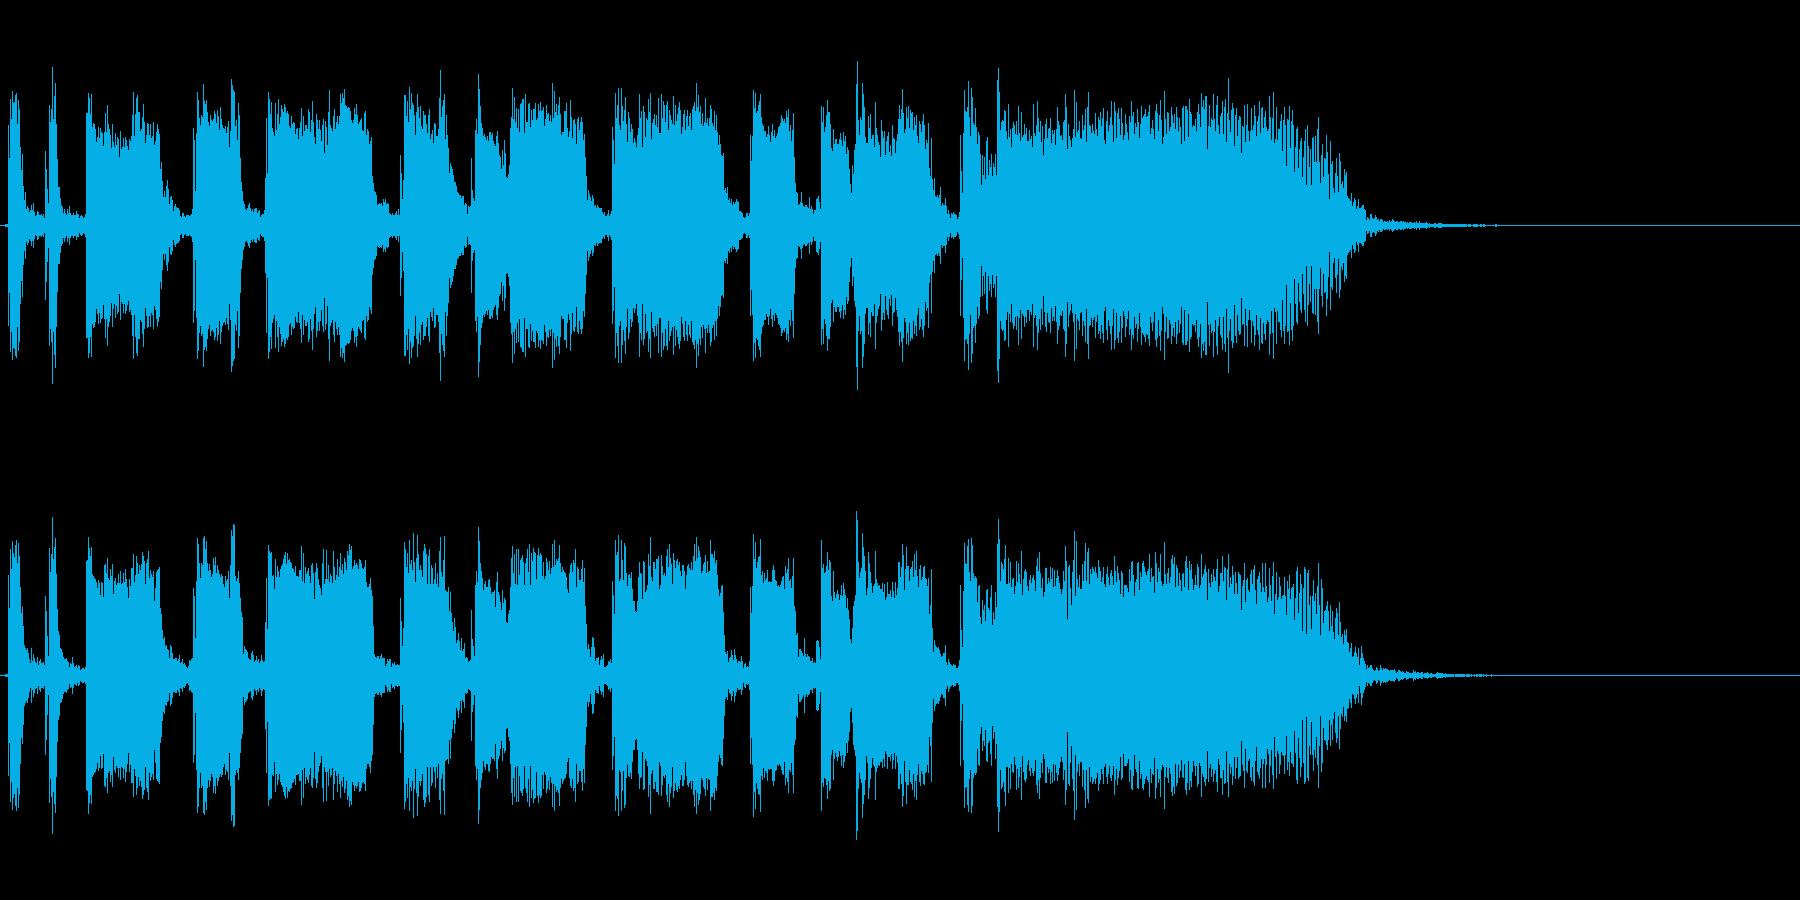 Guitarジングル1/カッティングの再生済みの波形